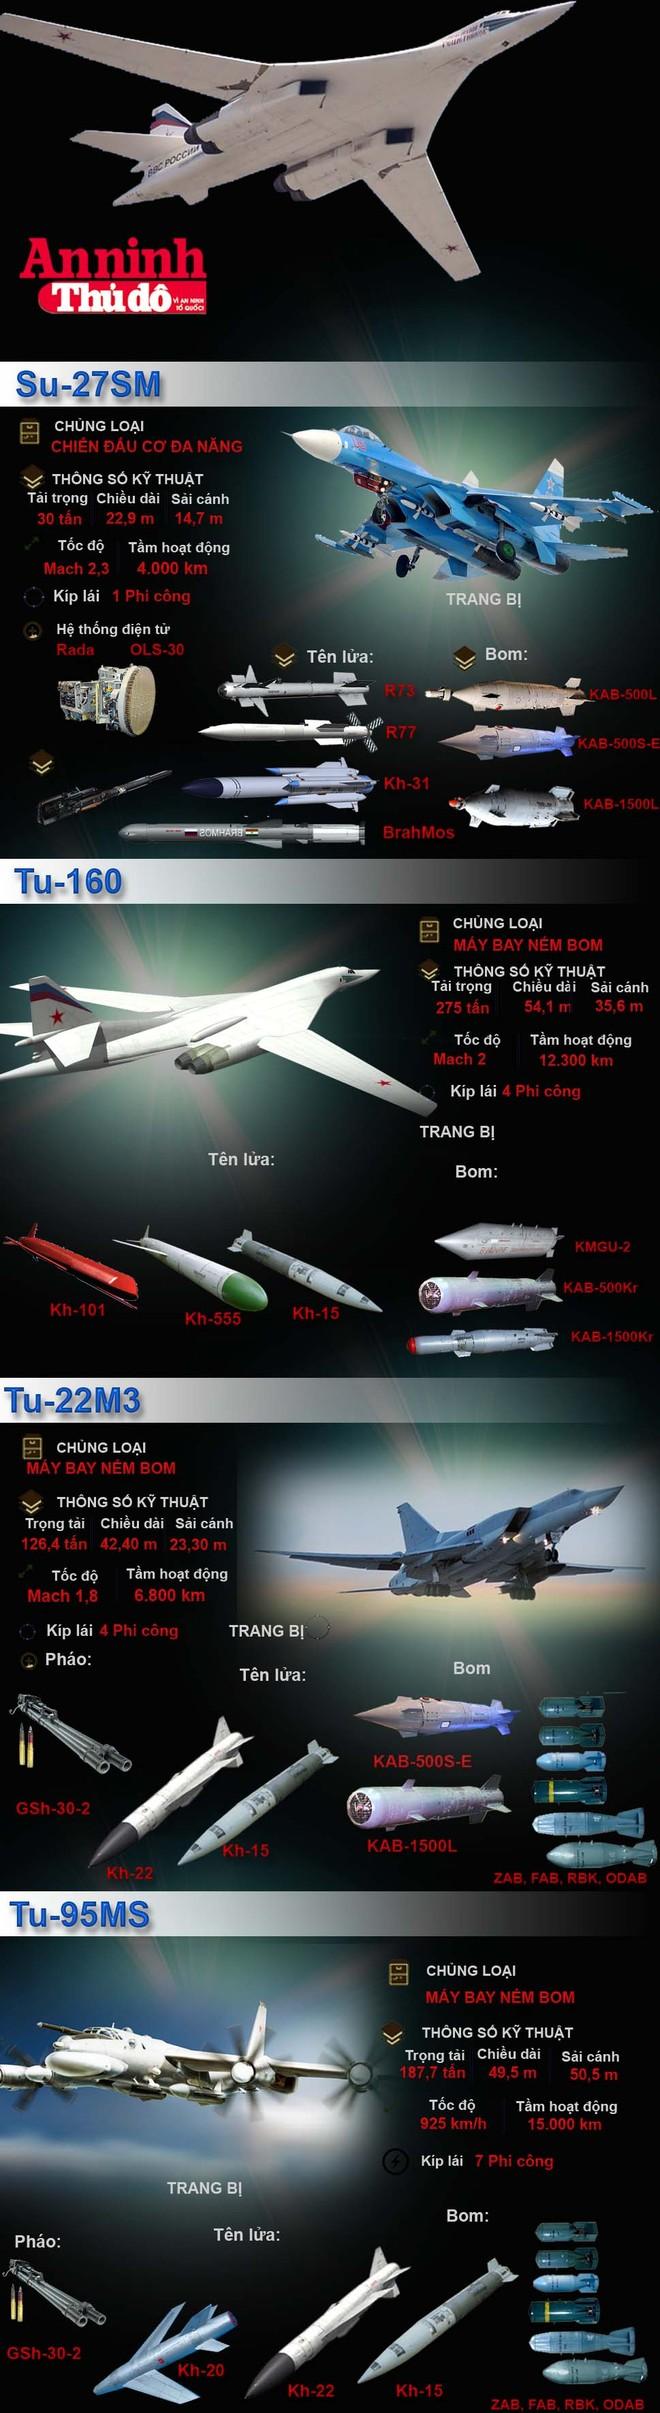 [Infographic] Bộ ba máy bay ném bom chiến lược Nga dùng truy quét IS ảnh 1